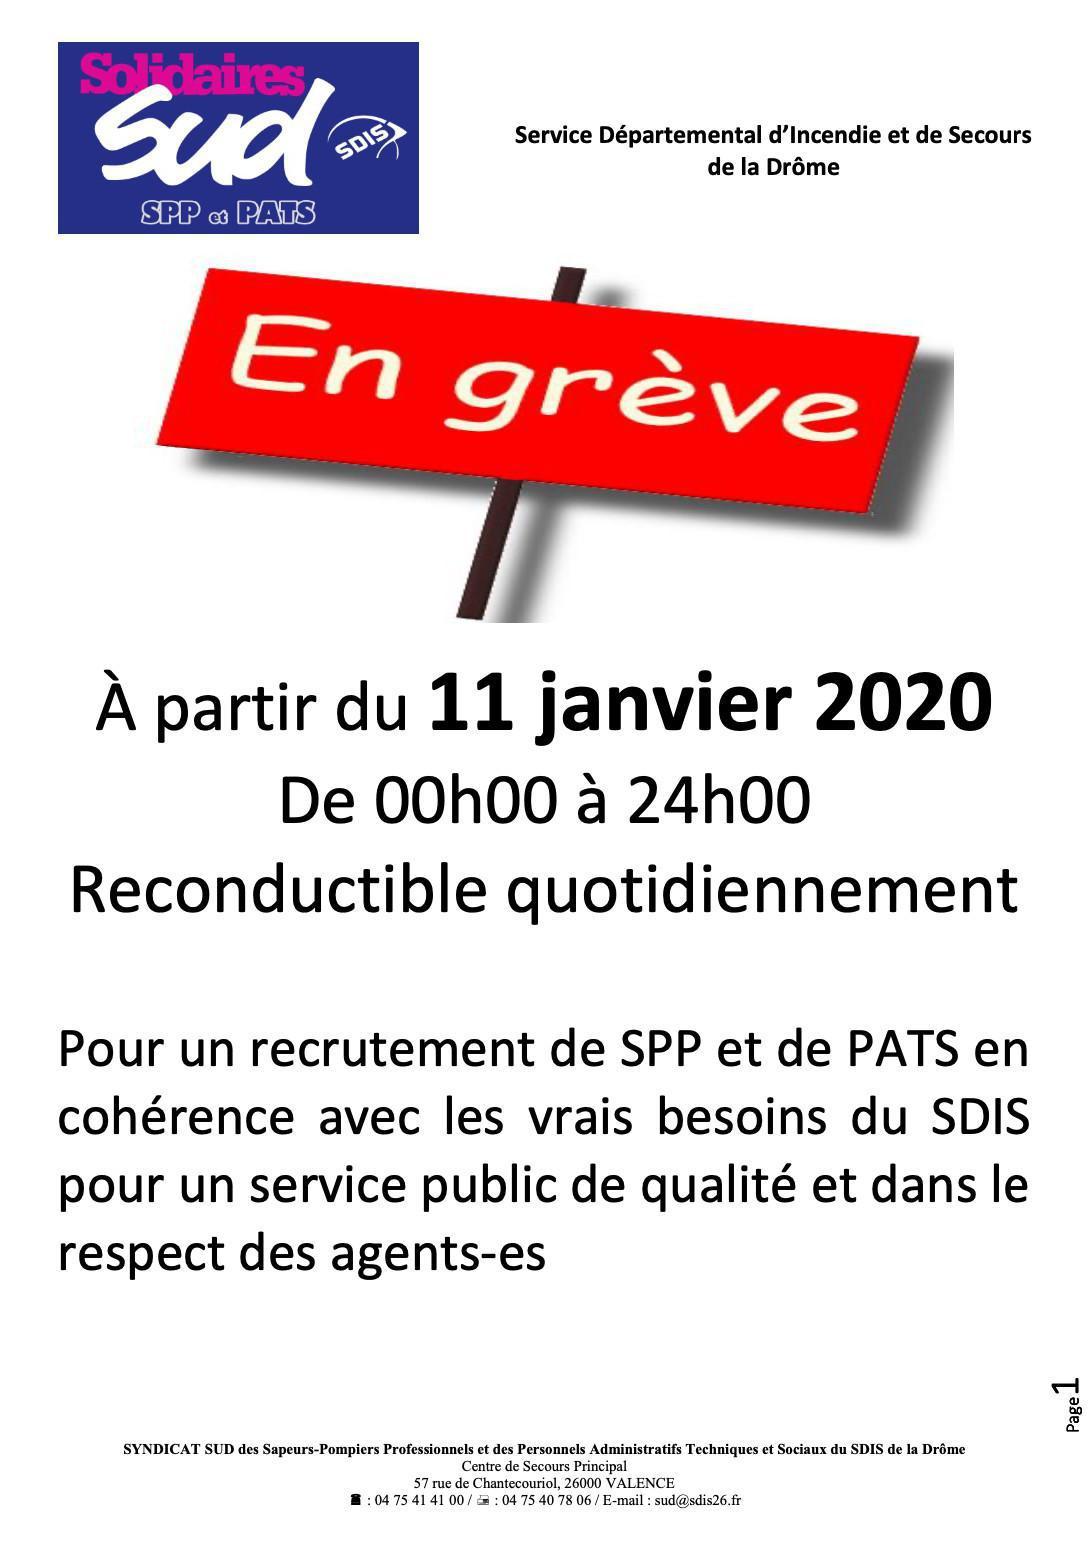 Communiqué Grève 11 janvier 2020